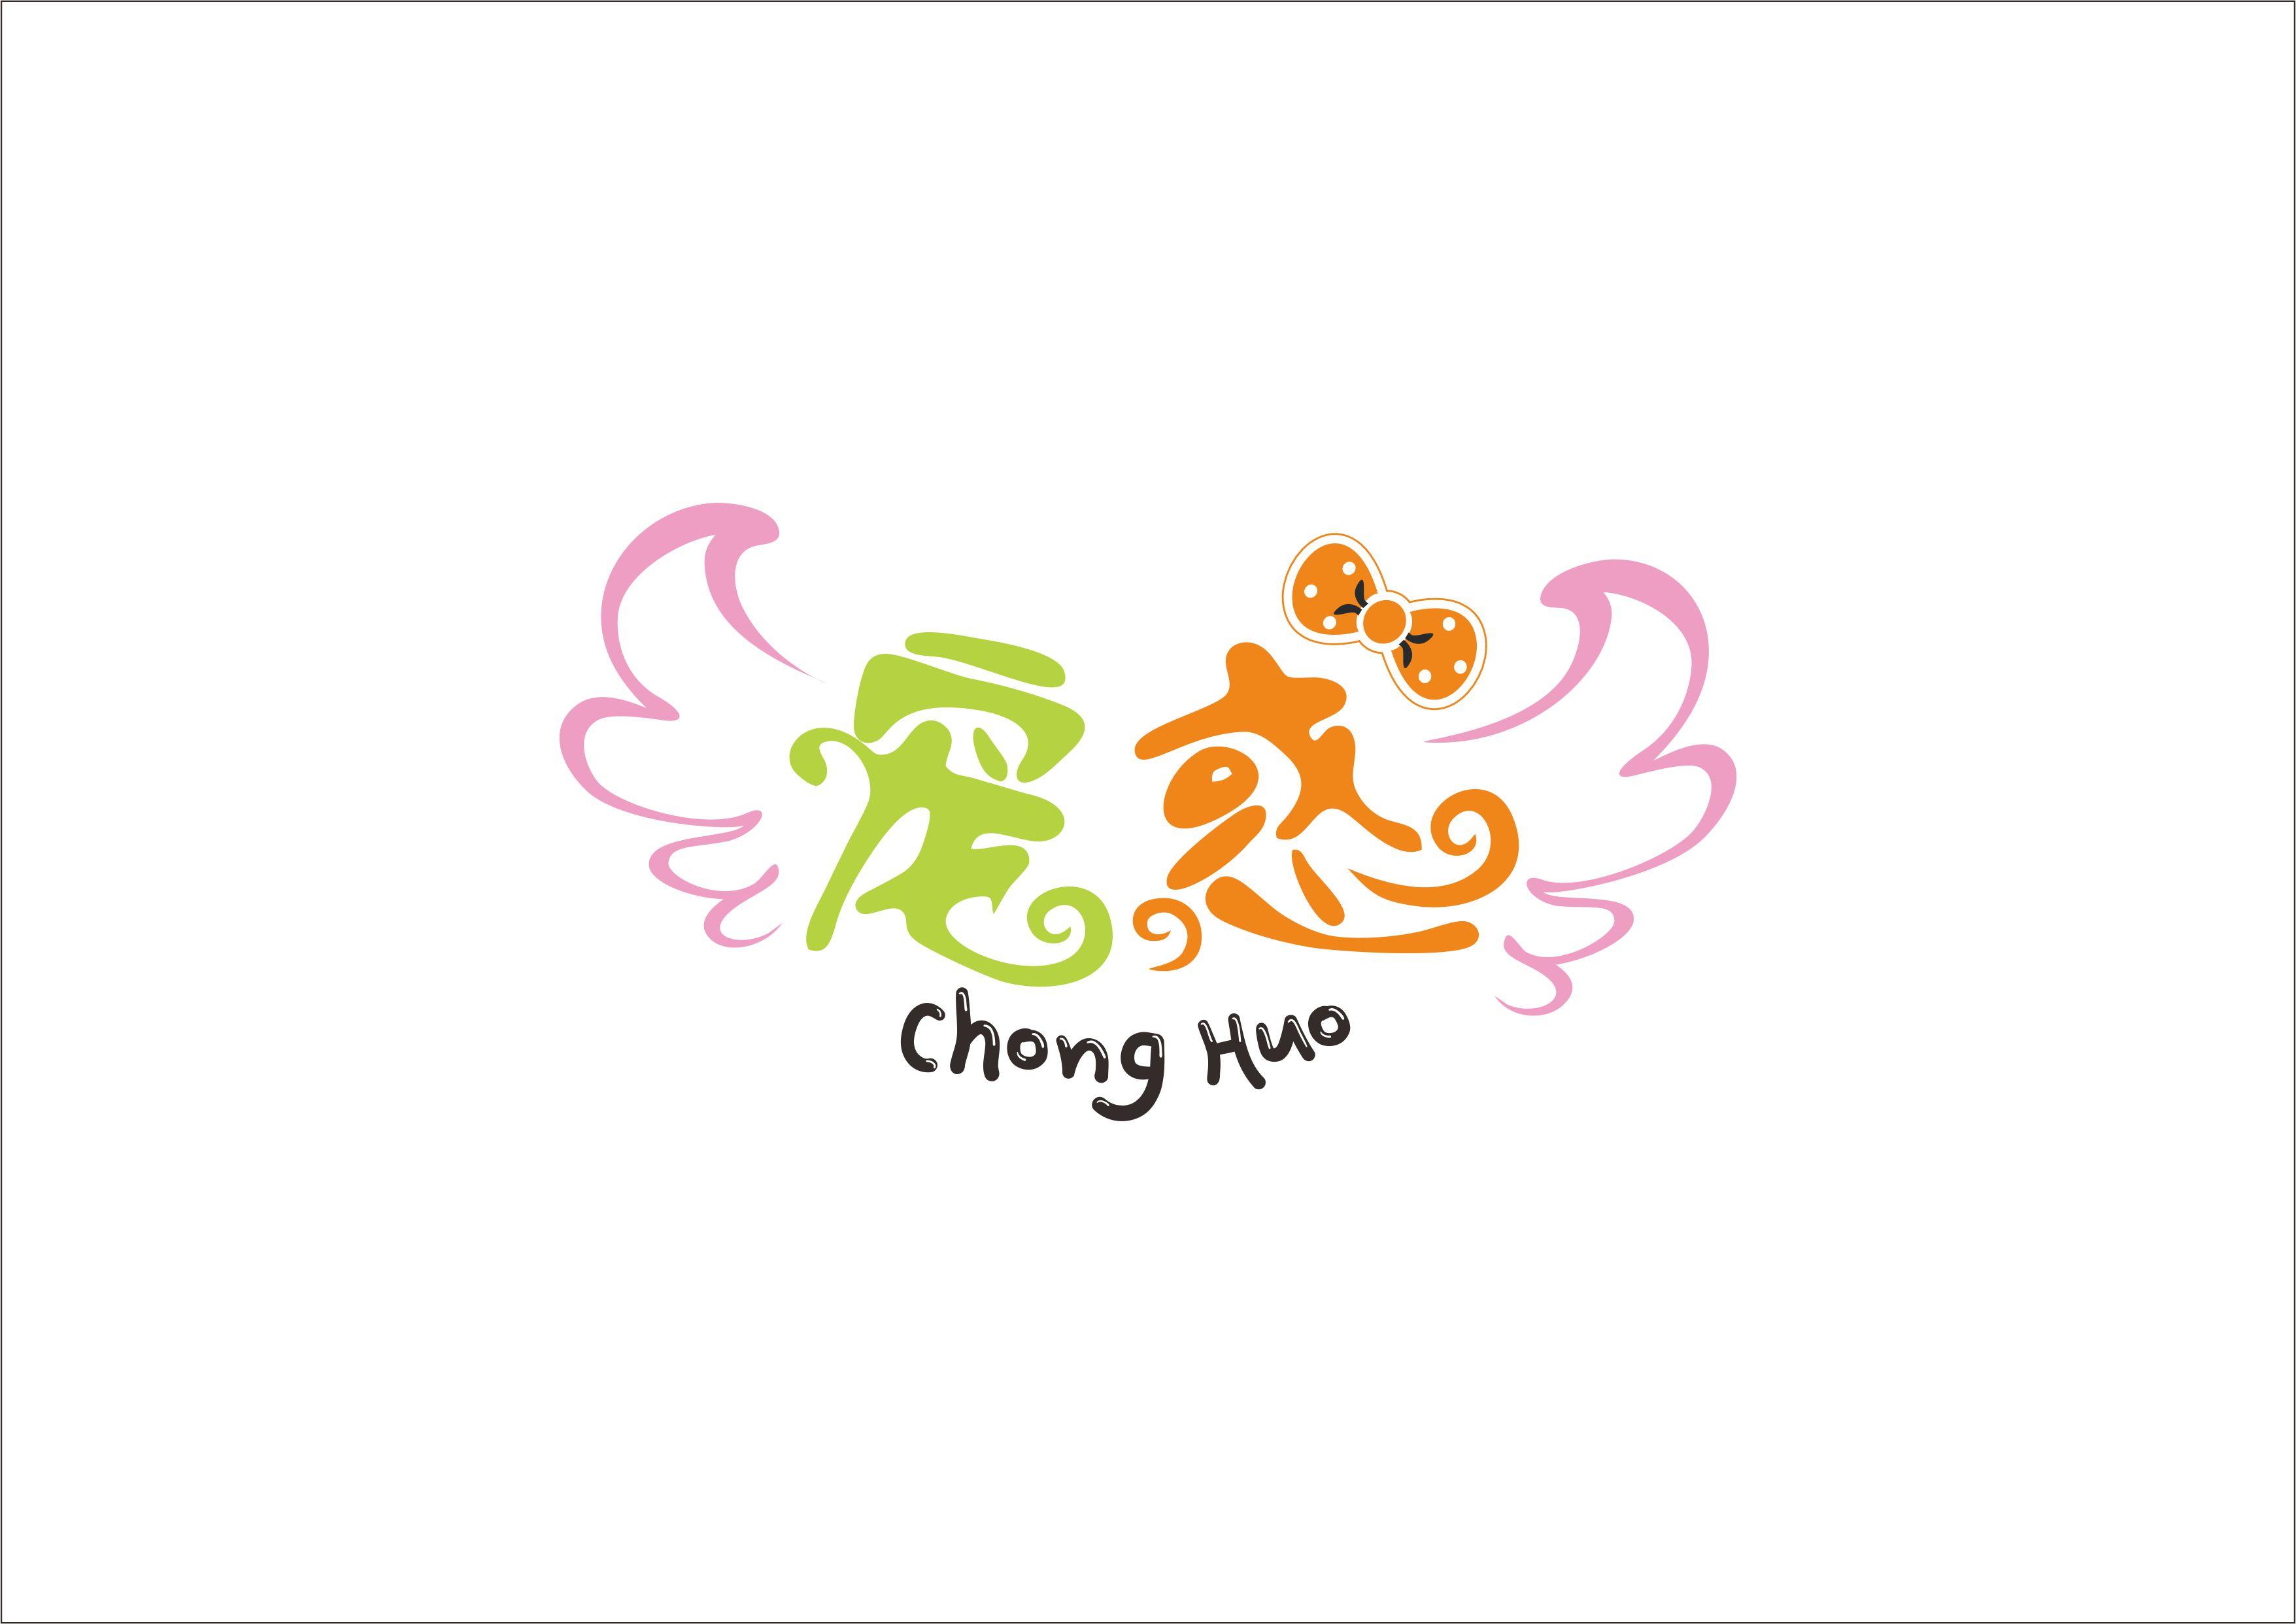 宠惑(CHONGHUO)